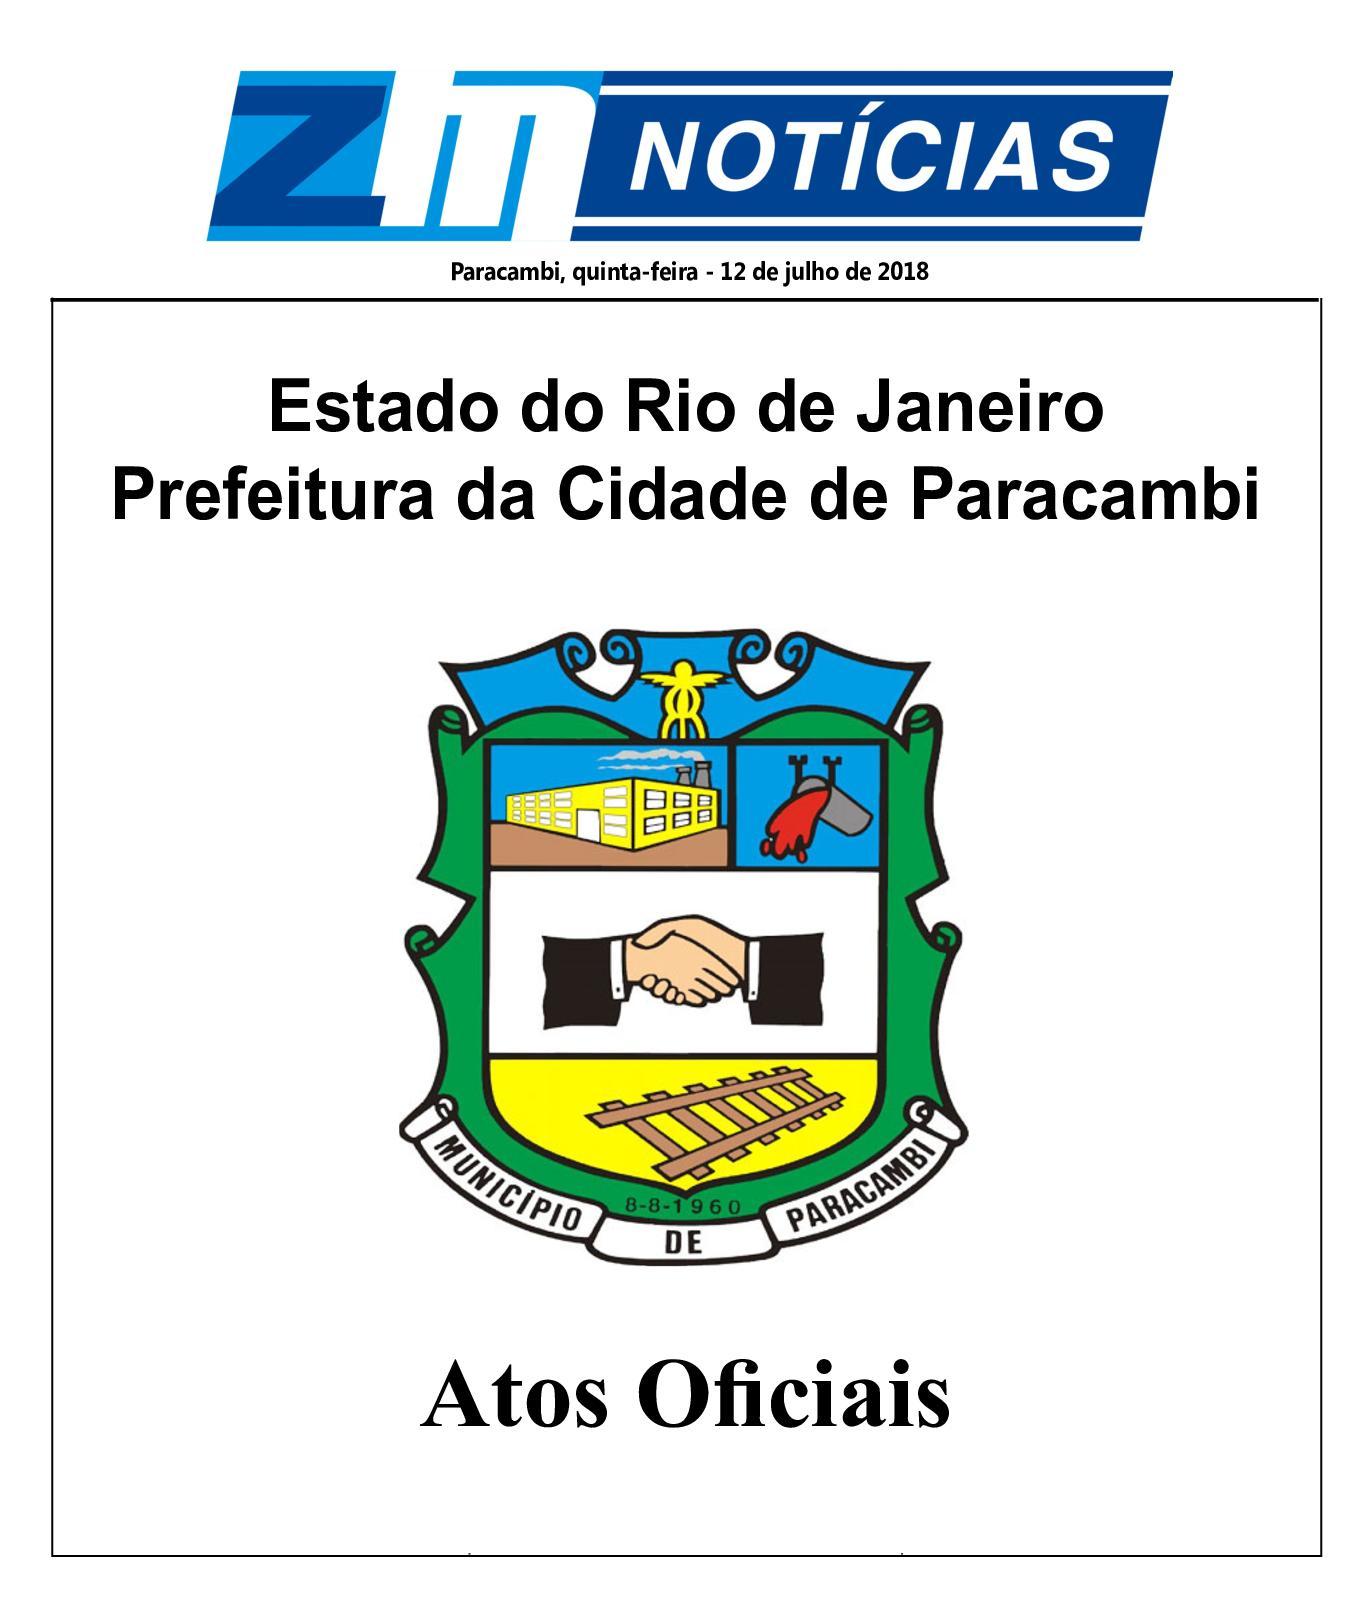 P M P Atos Oficiais 120718